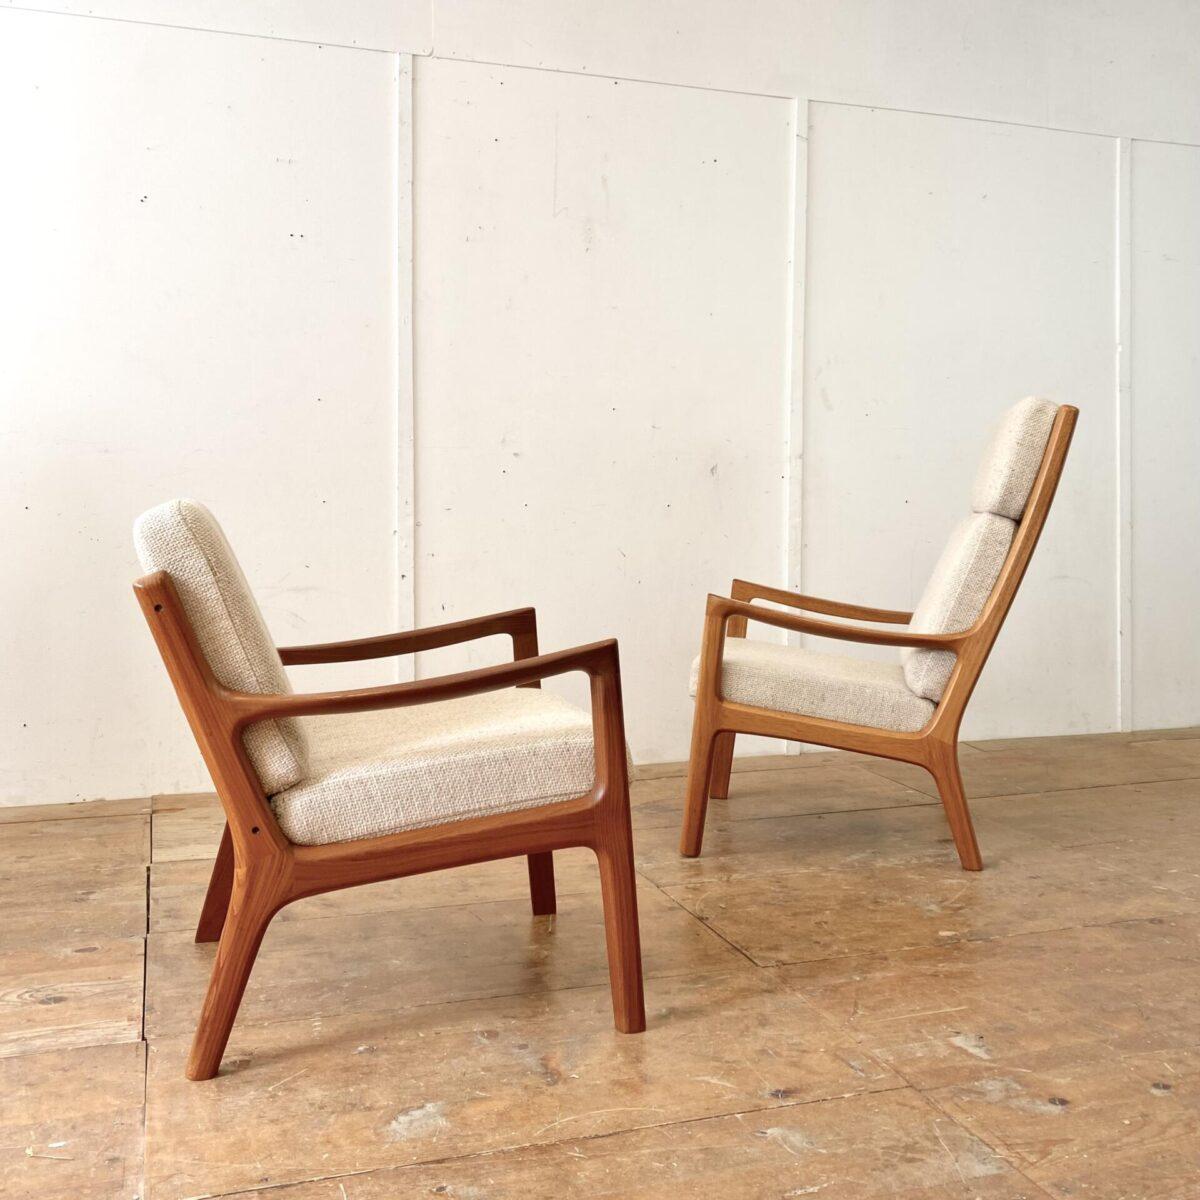 Deuxieme.shop midcentury Easy Chair danish Teak Sessel. Senator Sessel von Ole Wanscher aus den 60er Jahren, made in Denmark. Kissenbezüge aus beige meliertem Wollstoff. Die Sessel sind in sehr gepflegtem Original Zustand, keine Flecken oder Risse. Der Hochlehner hat etwas Abnützungsspuren auf den Armlehnen, und das Teakholz ist etwas heller als beim tieferen Easy Chair. Der Preis gilt fürs Set.